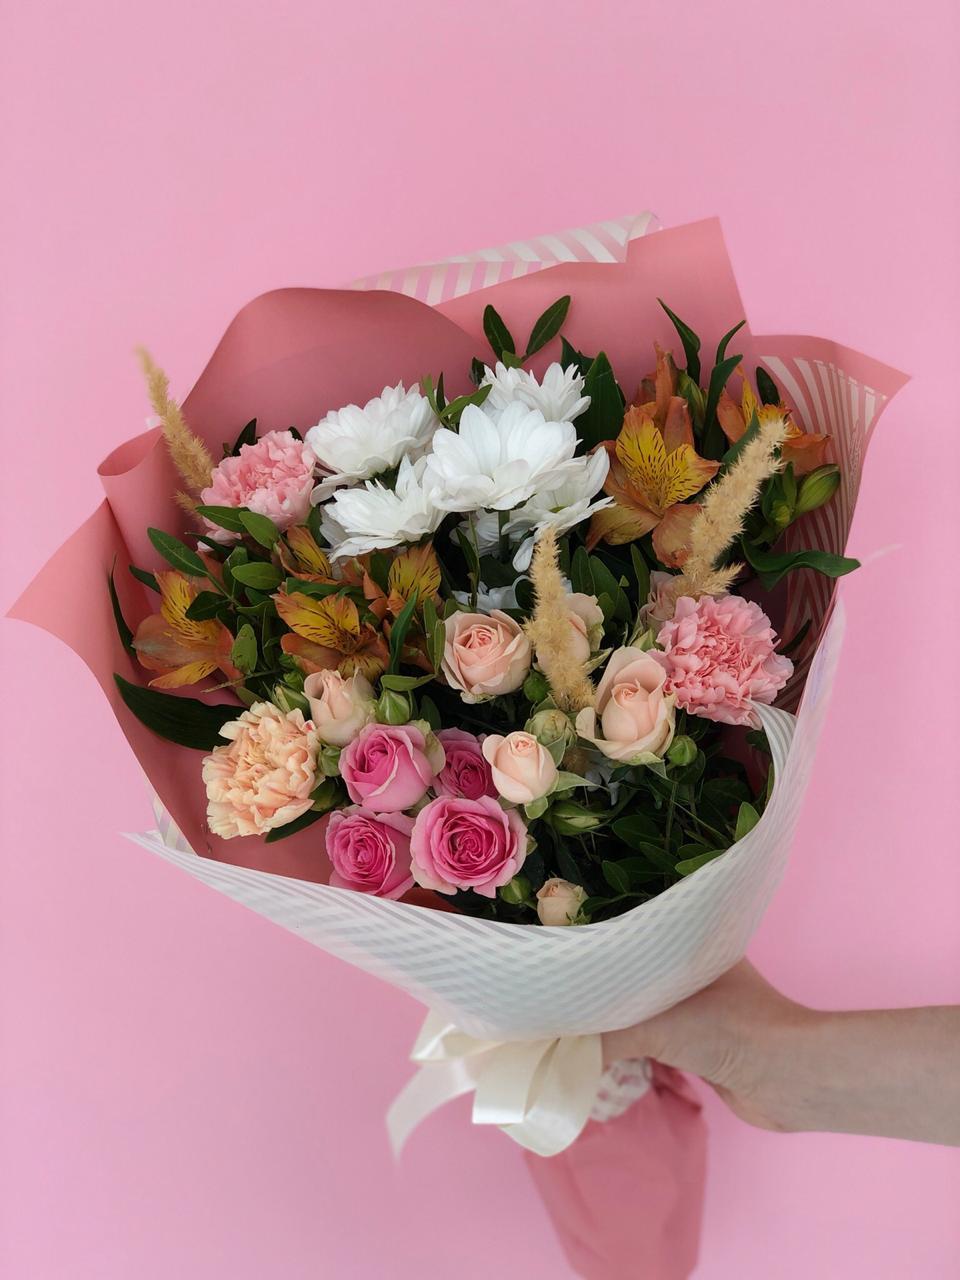 Букет для молодой девушки, Цветы с доставкой, Букет сборный для девушки